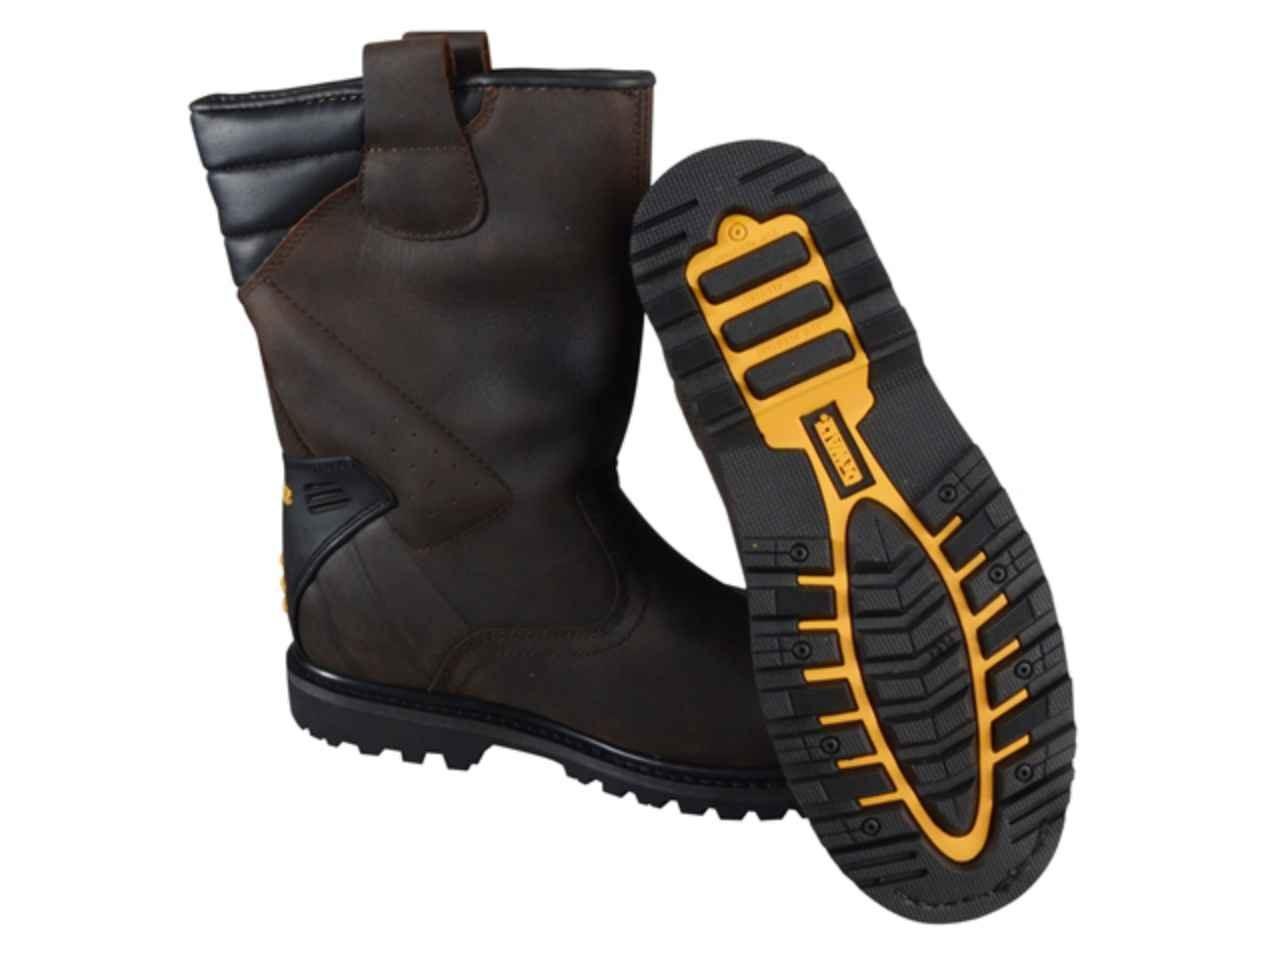 9147ce1d88b DeWalt DWRIG44 Rigger Boots Size UK 10 EUR 44